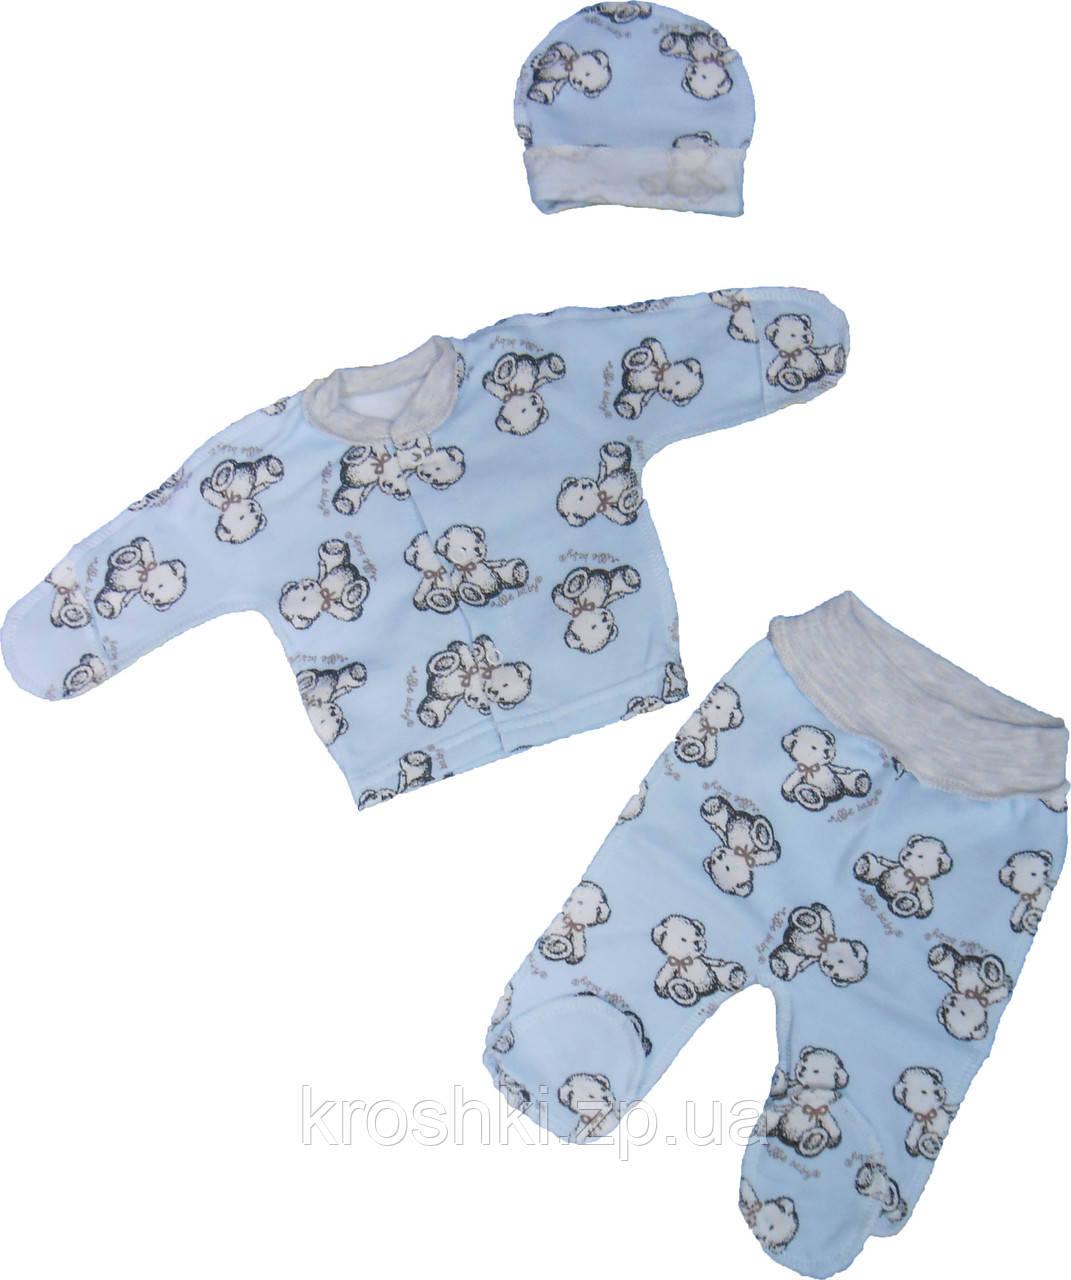 Костюм для маловесных и недоношенных детей интерлок рост 42,46,50 одежда для недоношенных